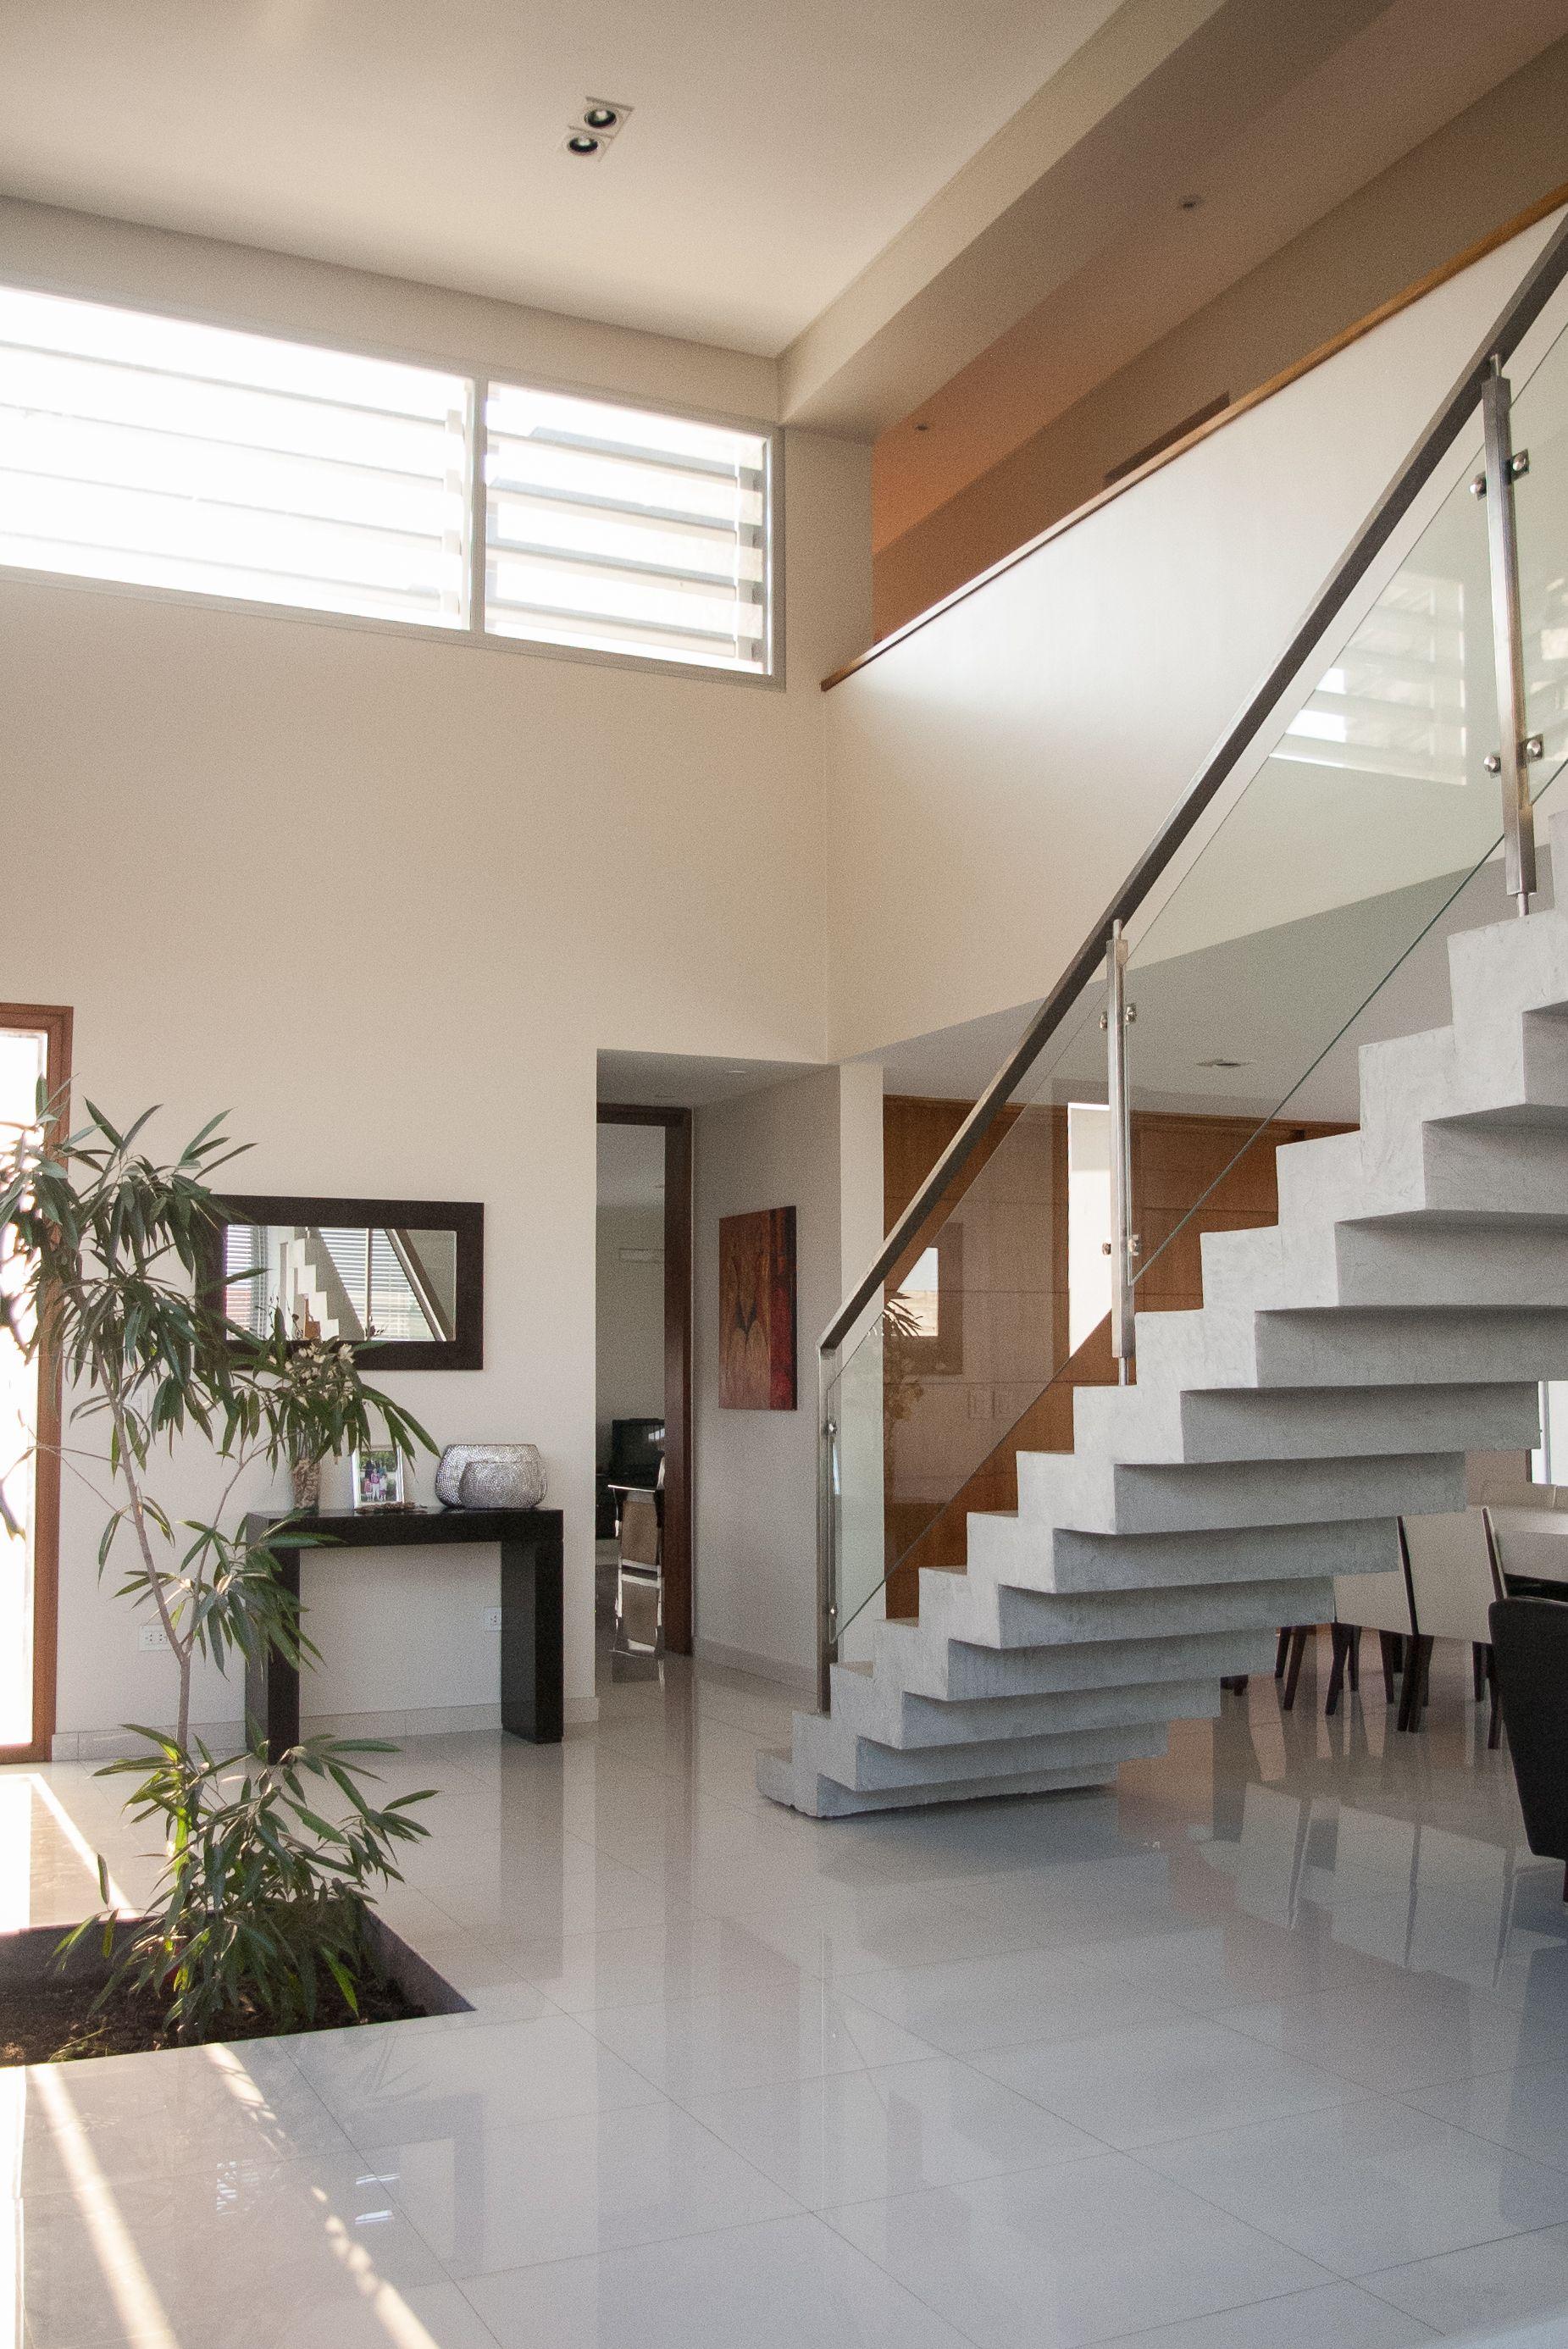 Doble altura vegetacion integrada a los ambientes - Altura de un piso ...